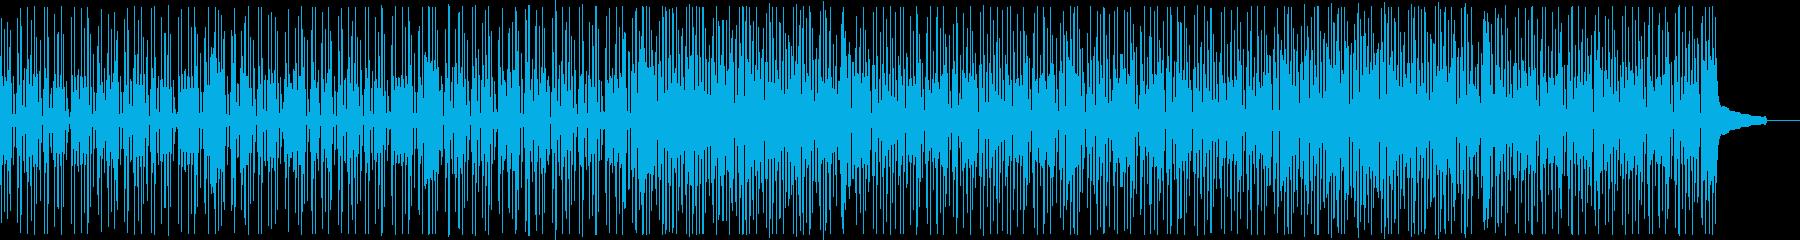 コミカルなファンキーオルガン:メロディ抜の再生済みの波形